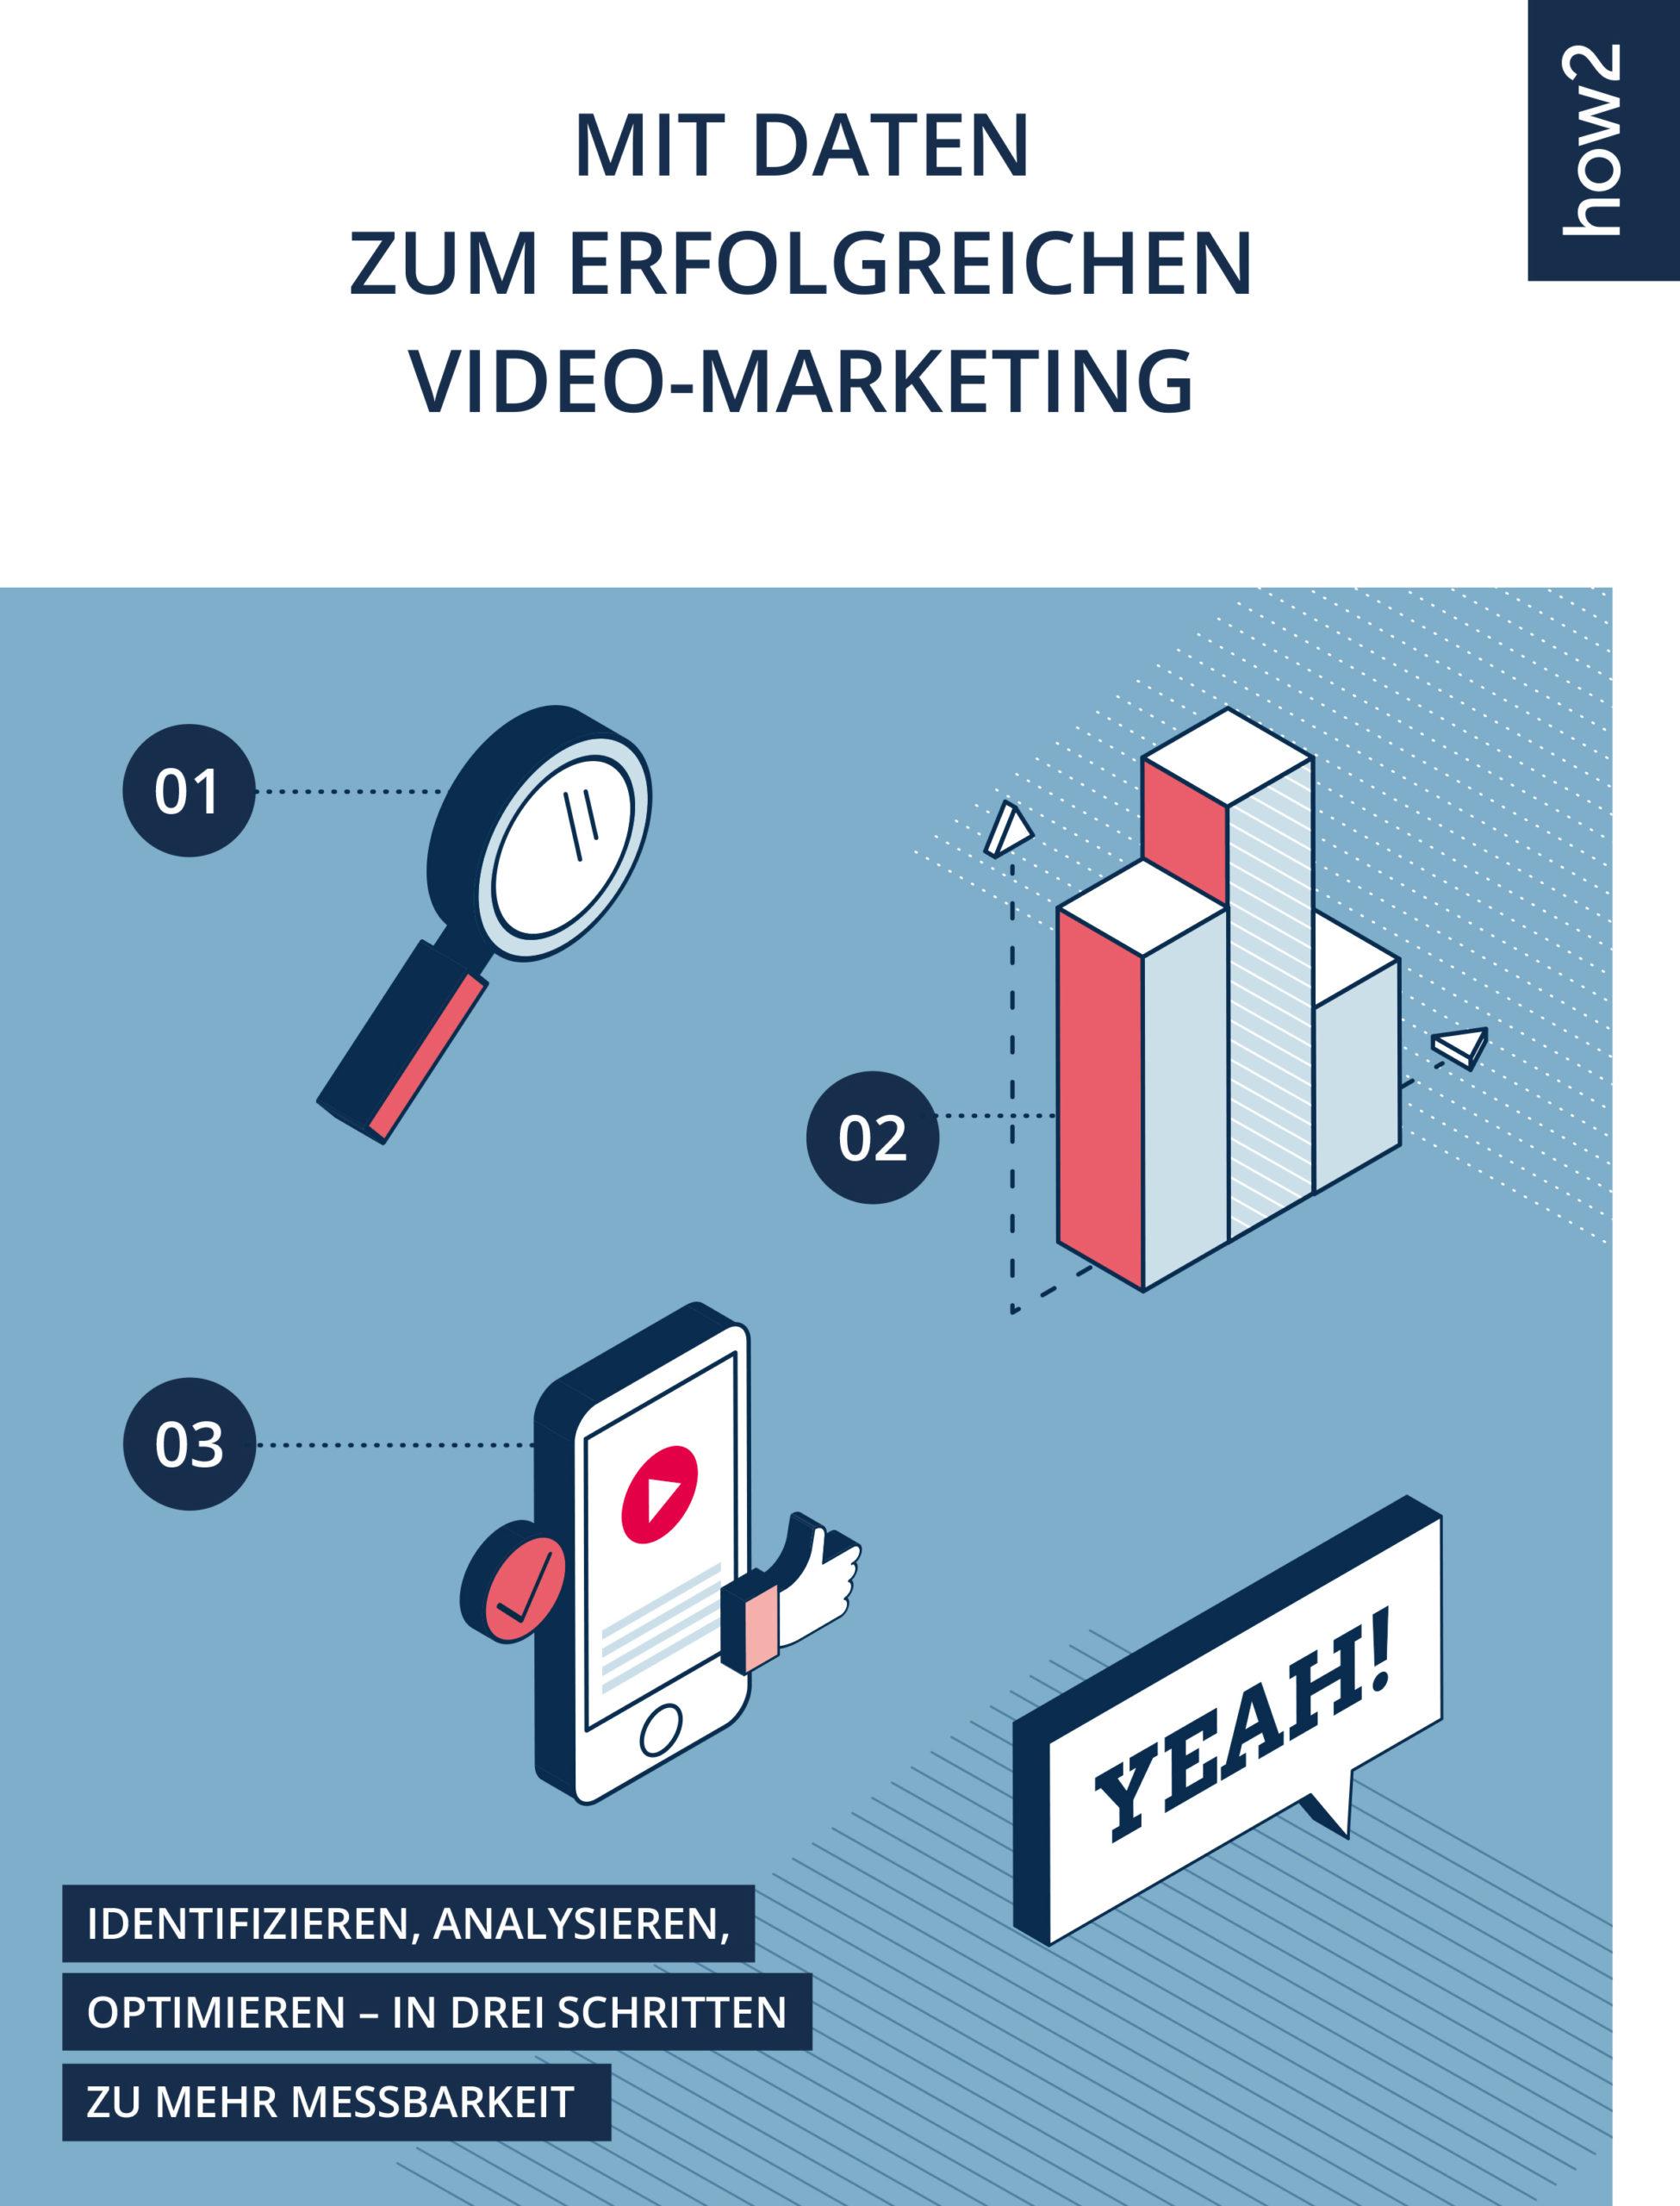 Der Weg zu erfolgreichem Videomarketing